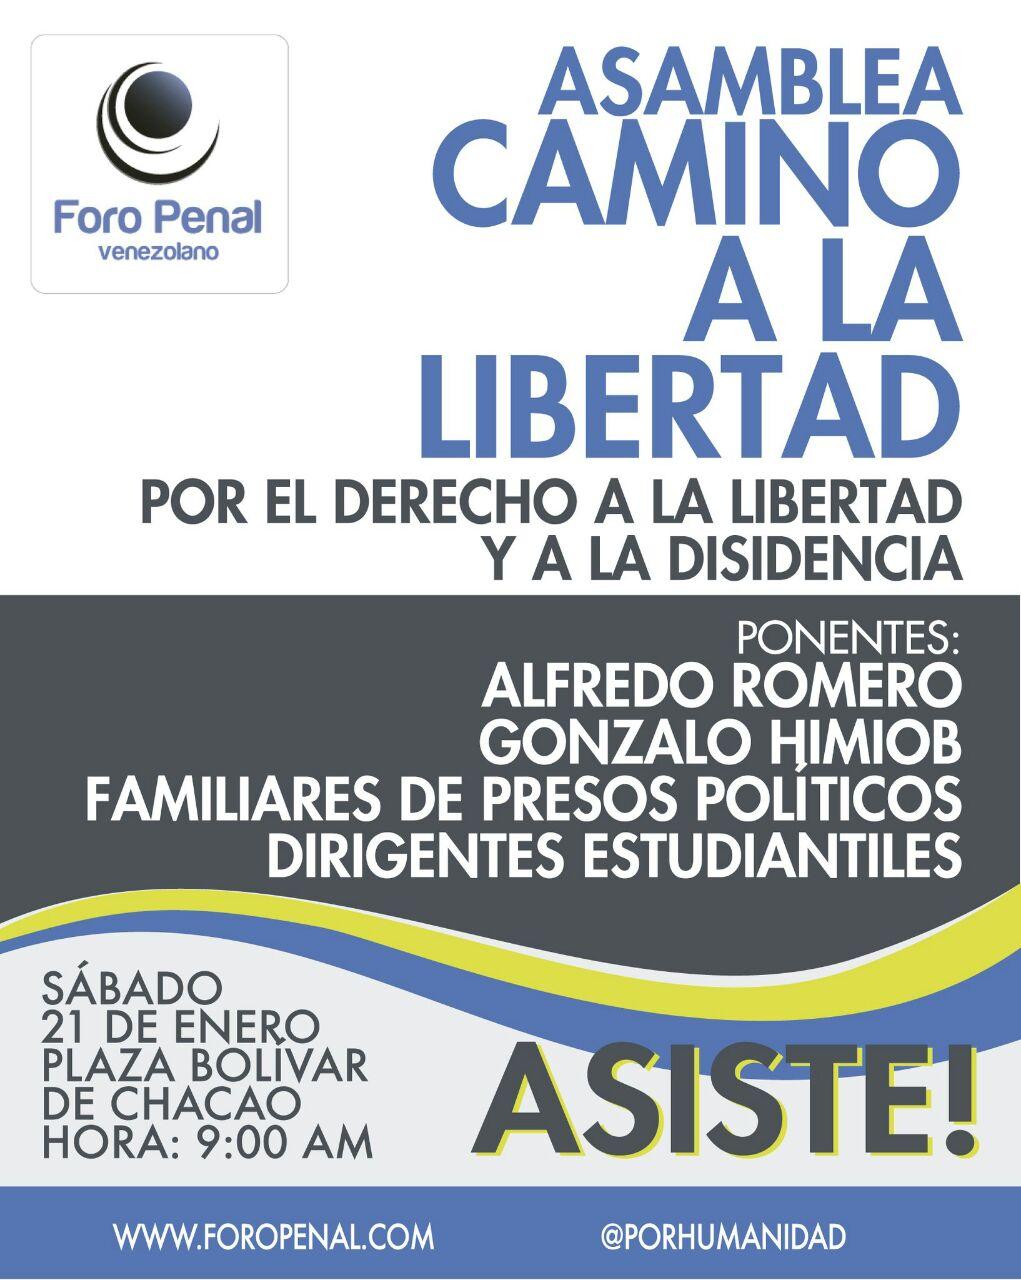 Foro Penal invita: Asamblea camino a la libertad